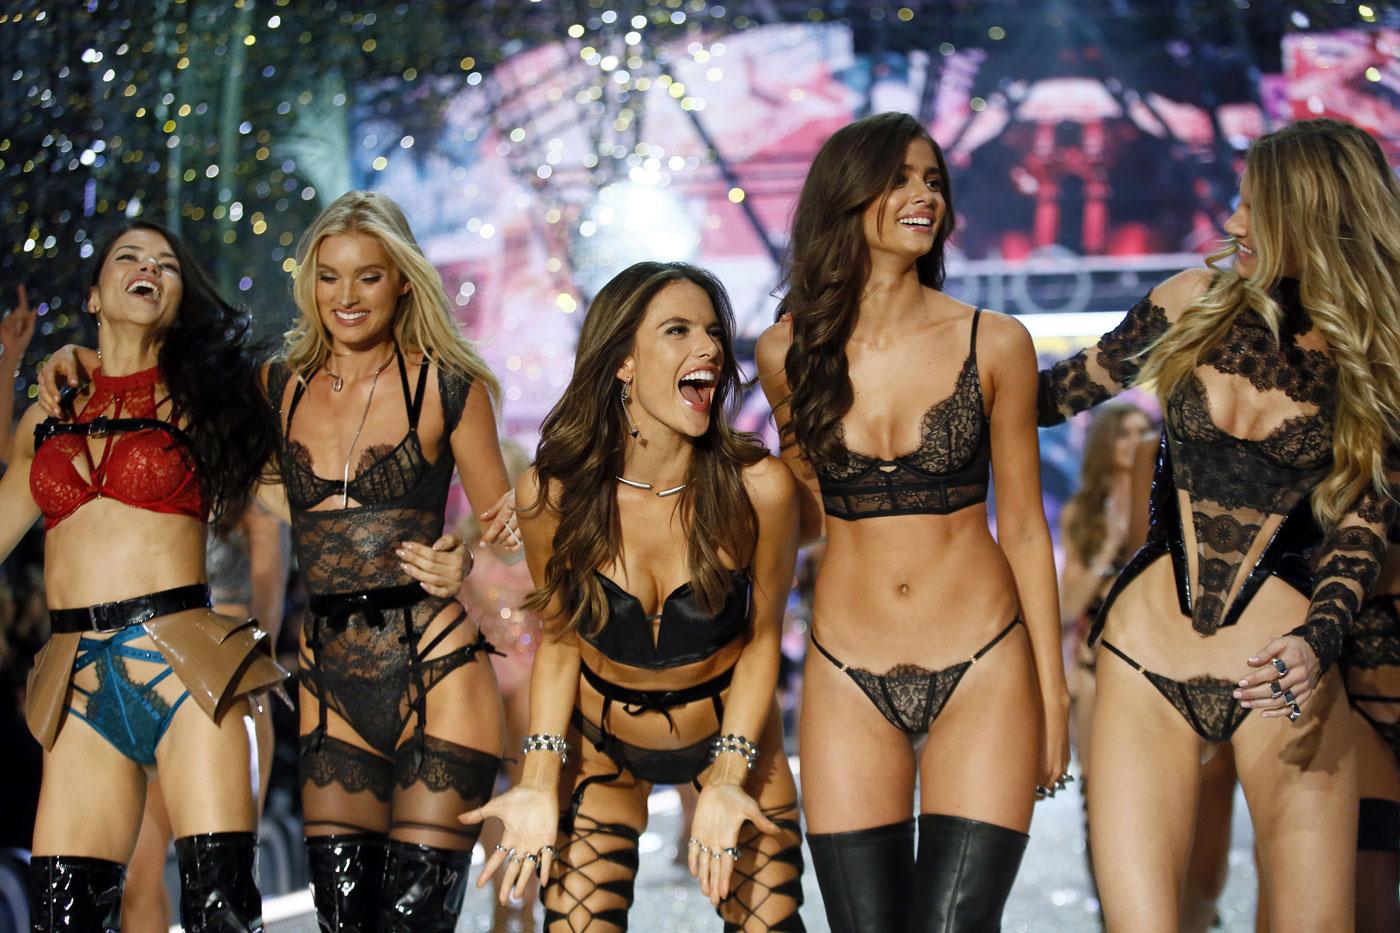 De izquierda a derecha, las modelos Adriana Lima, Lily Donaldson, Alessandra Ambrosio, Taylor Hill y Martha Hunt agradecen los aplausos durante el desfile de Victoria's Secret en el Grand Palais de París, el miércoles 30 de noviembre de 2016. (AP Foto/Francois Mori)